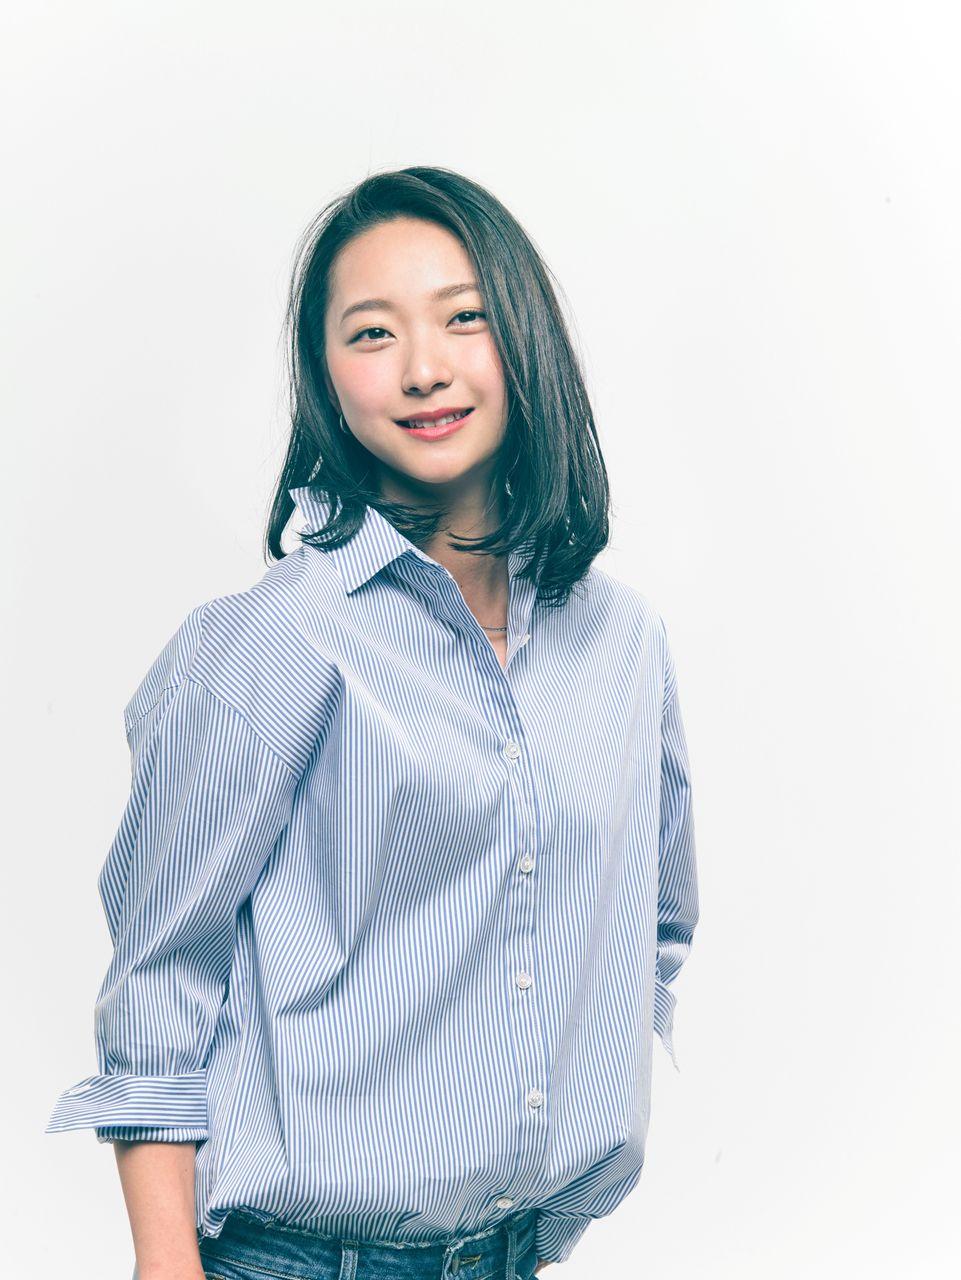 「美しすぎる新体操選手」畠山愛理さん、4月からレギュラー決定!!